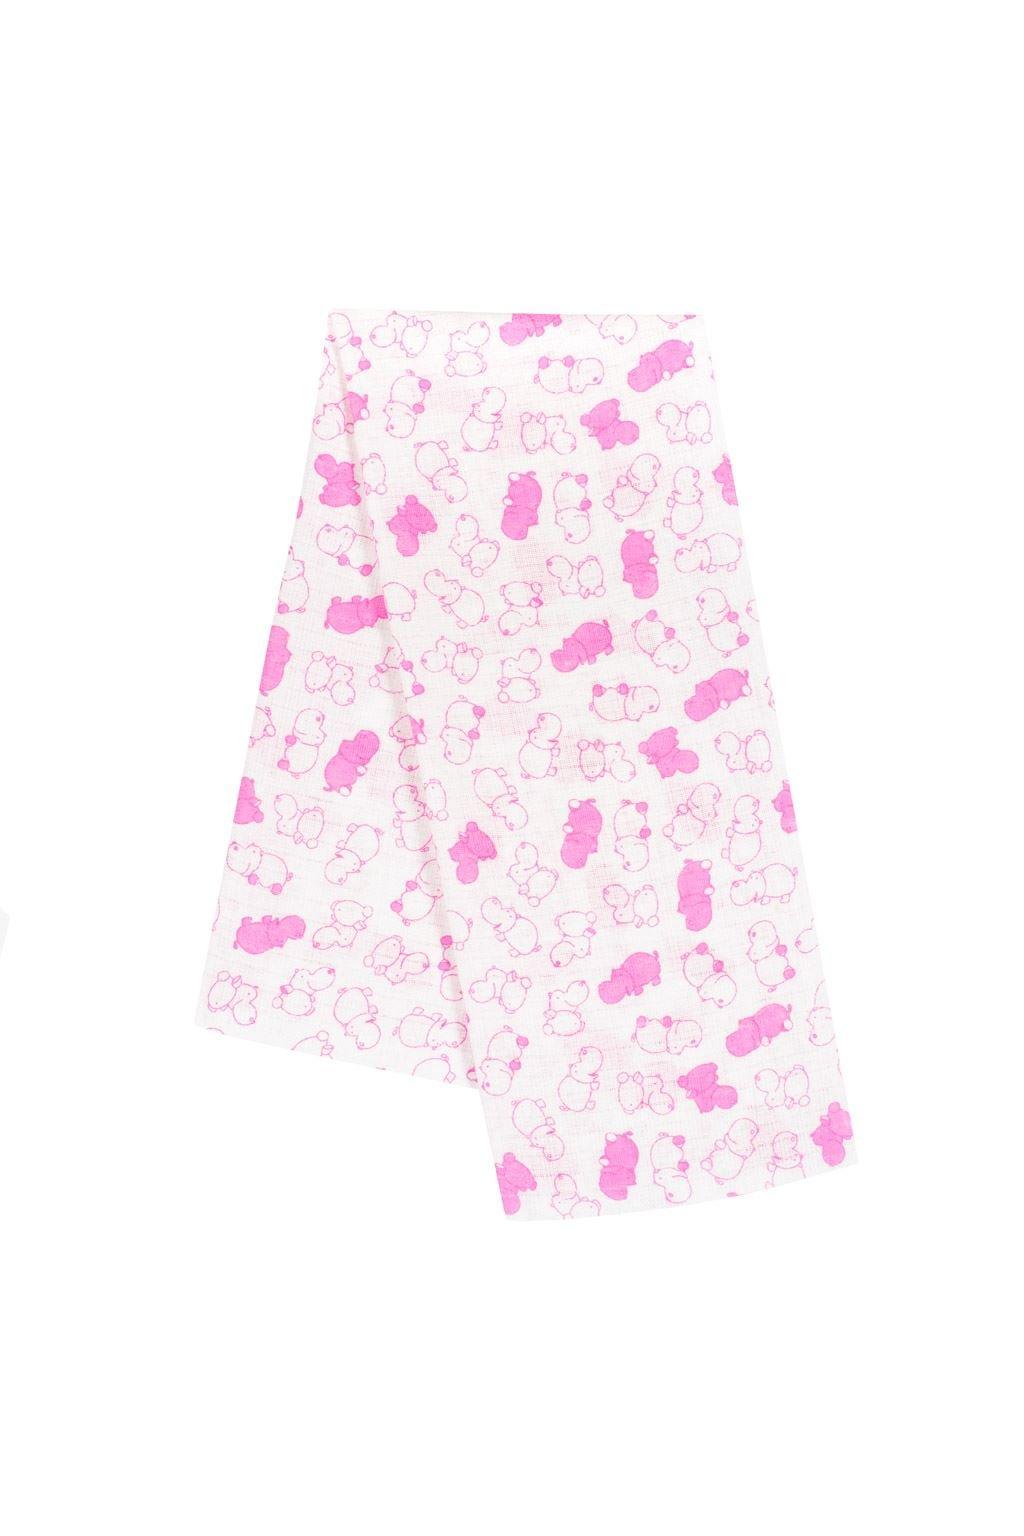 Bavlnená plienka s potlačou New Baby biela s růžovými hrošíkmi